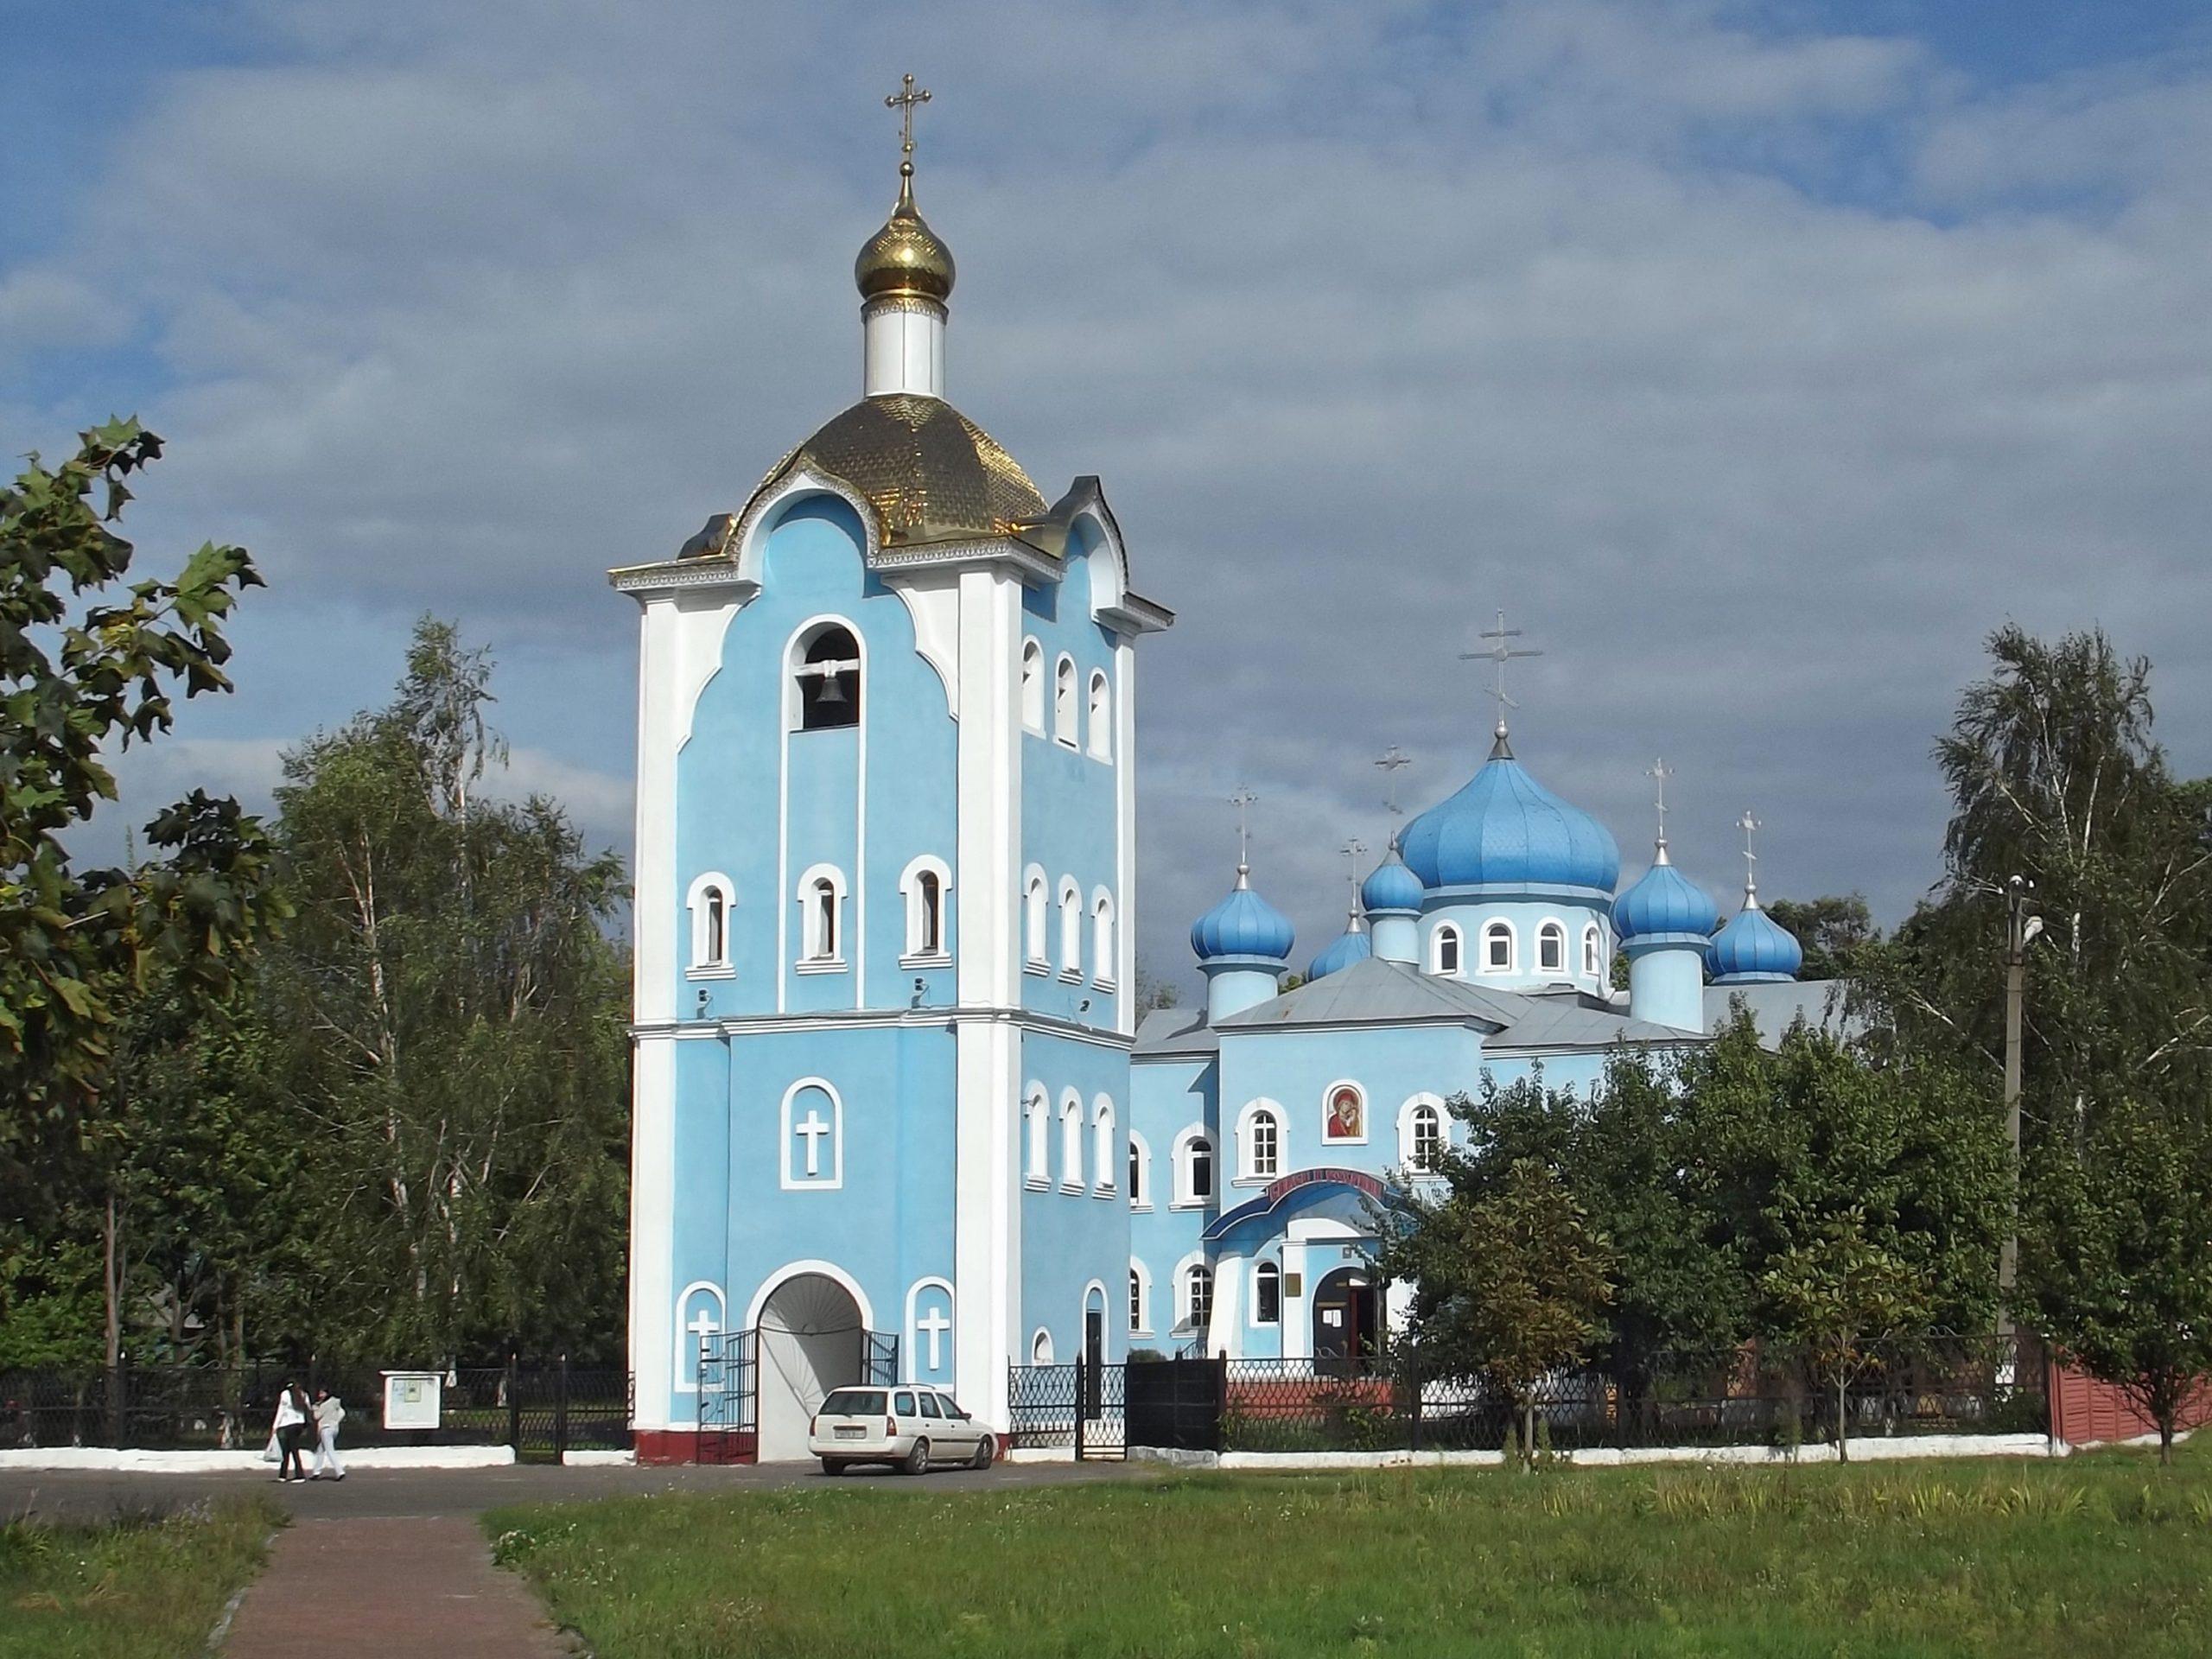 Калинковичи - Религиозные достопримечательности